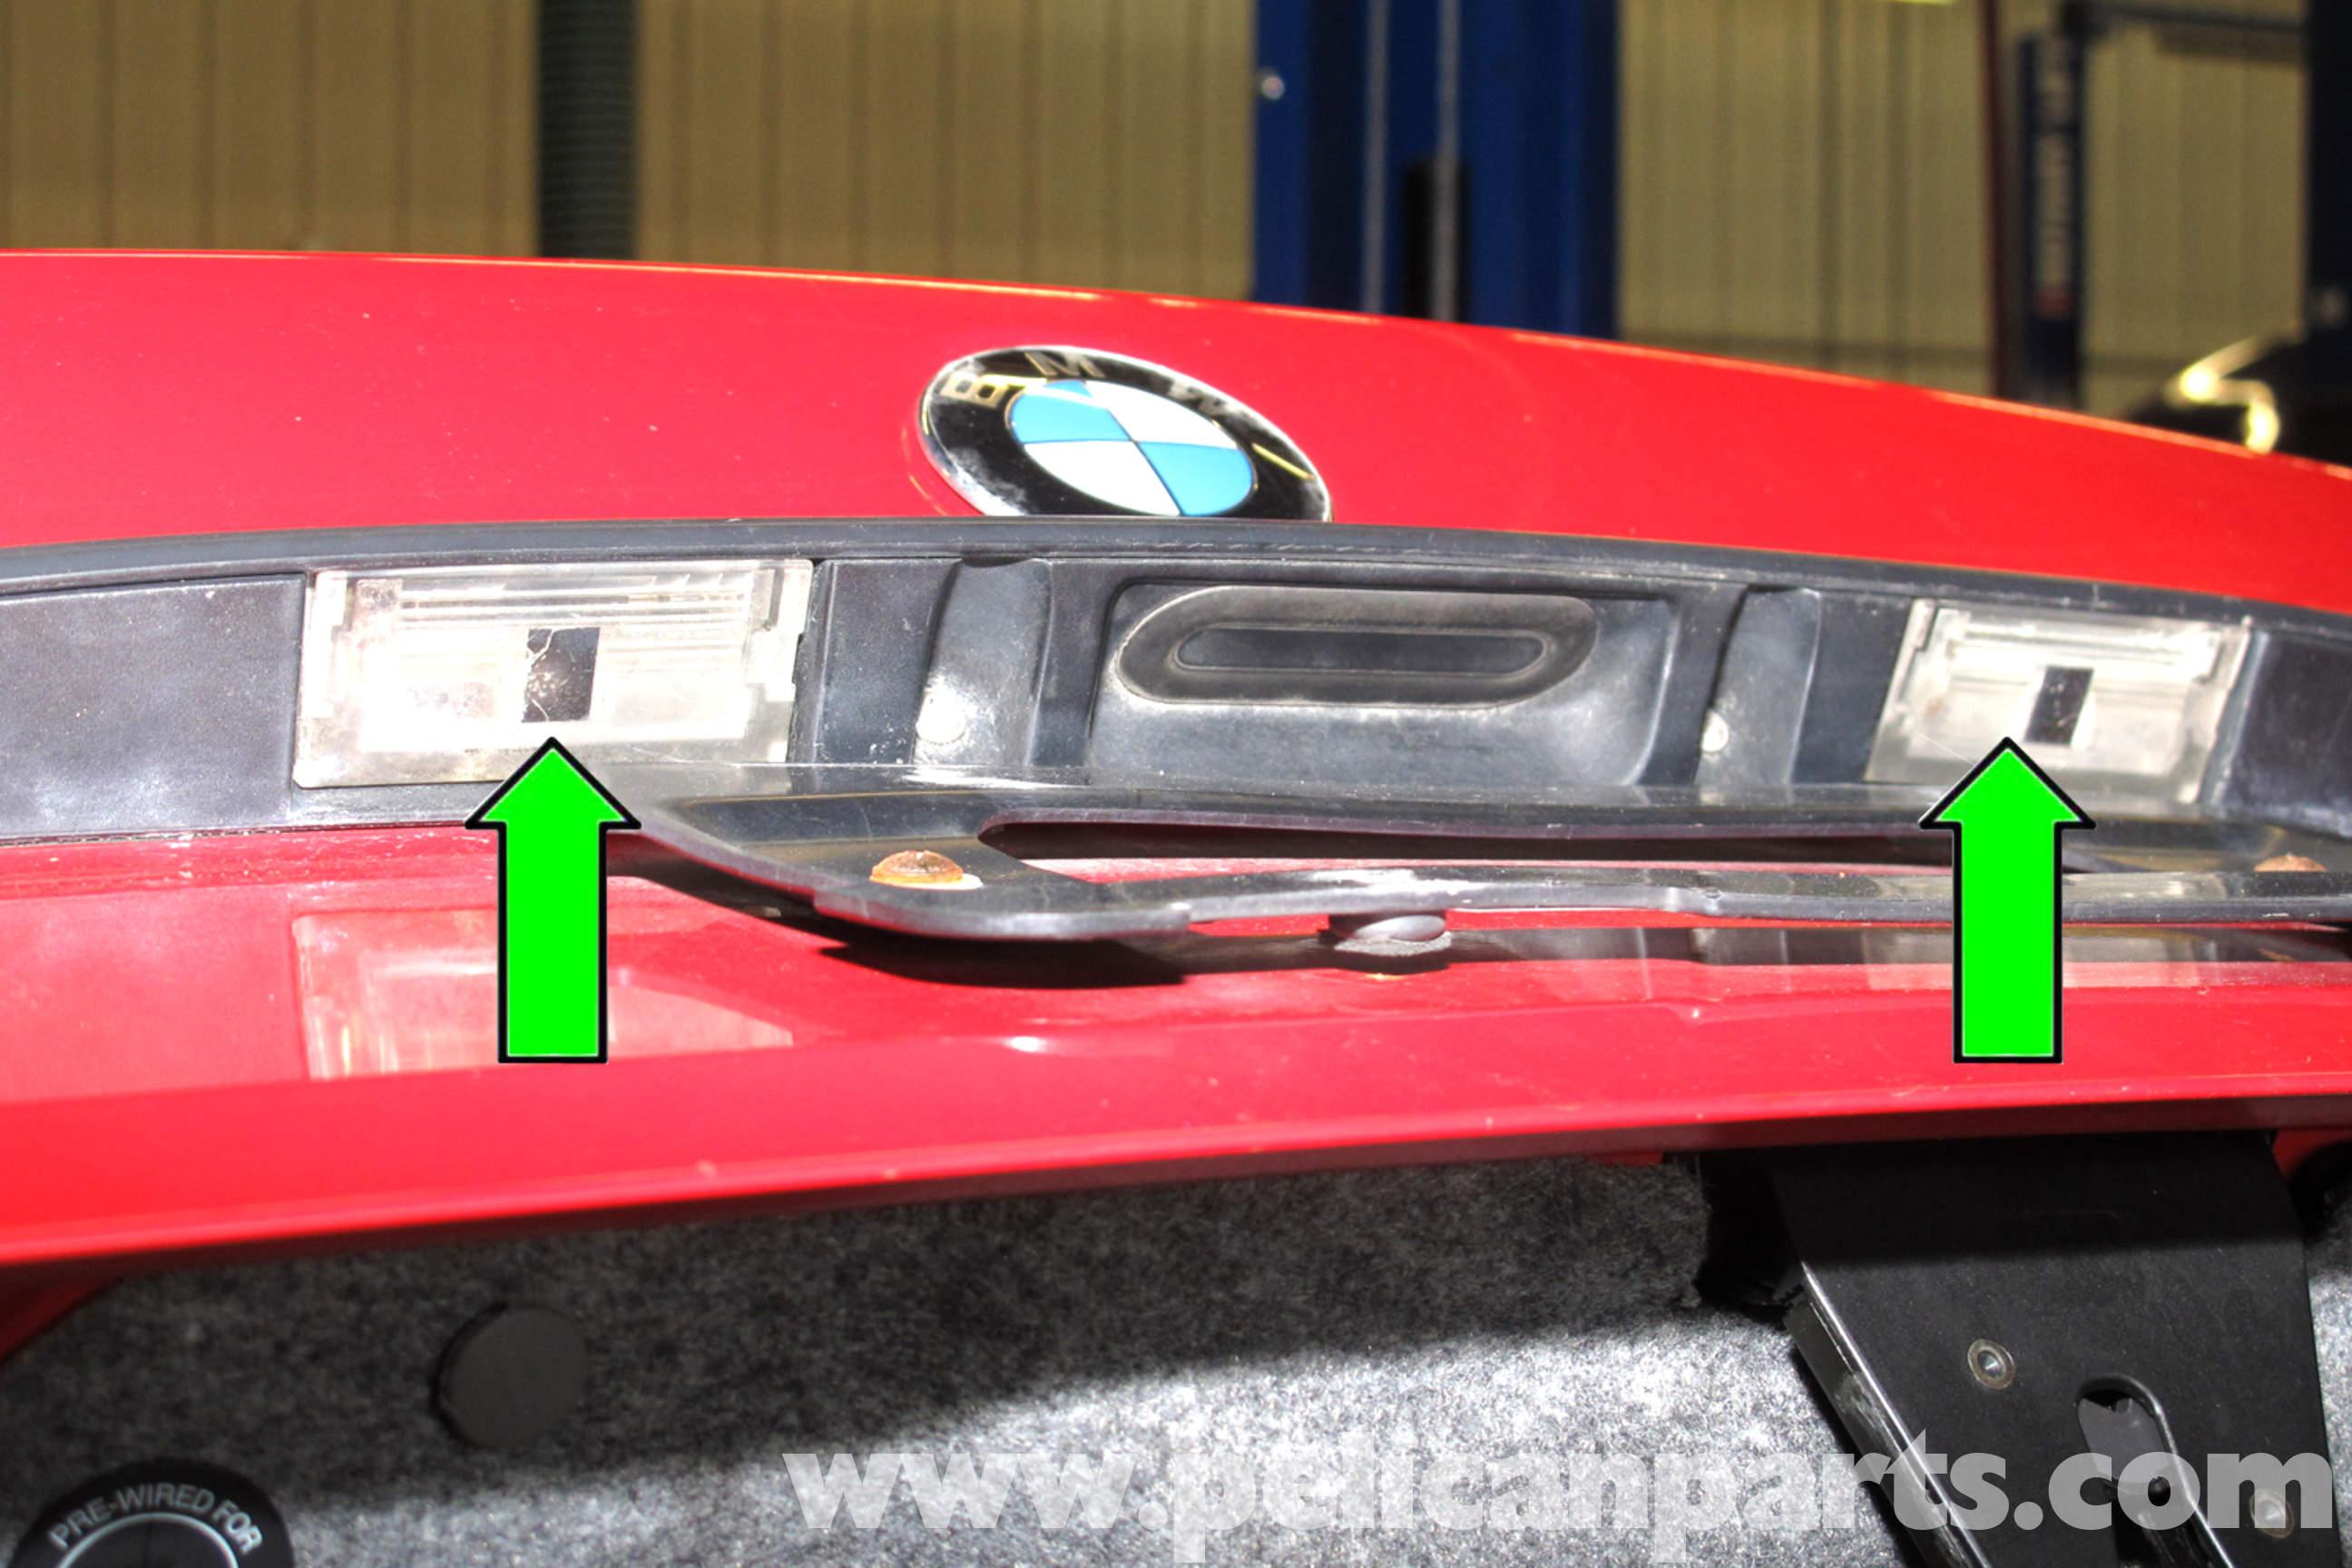 2006 Bmw 325xi >> BMW E46 Exterior Bulb Replacement | BMW 325i (2001-2005 ...